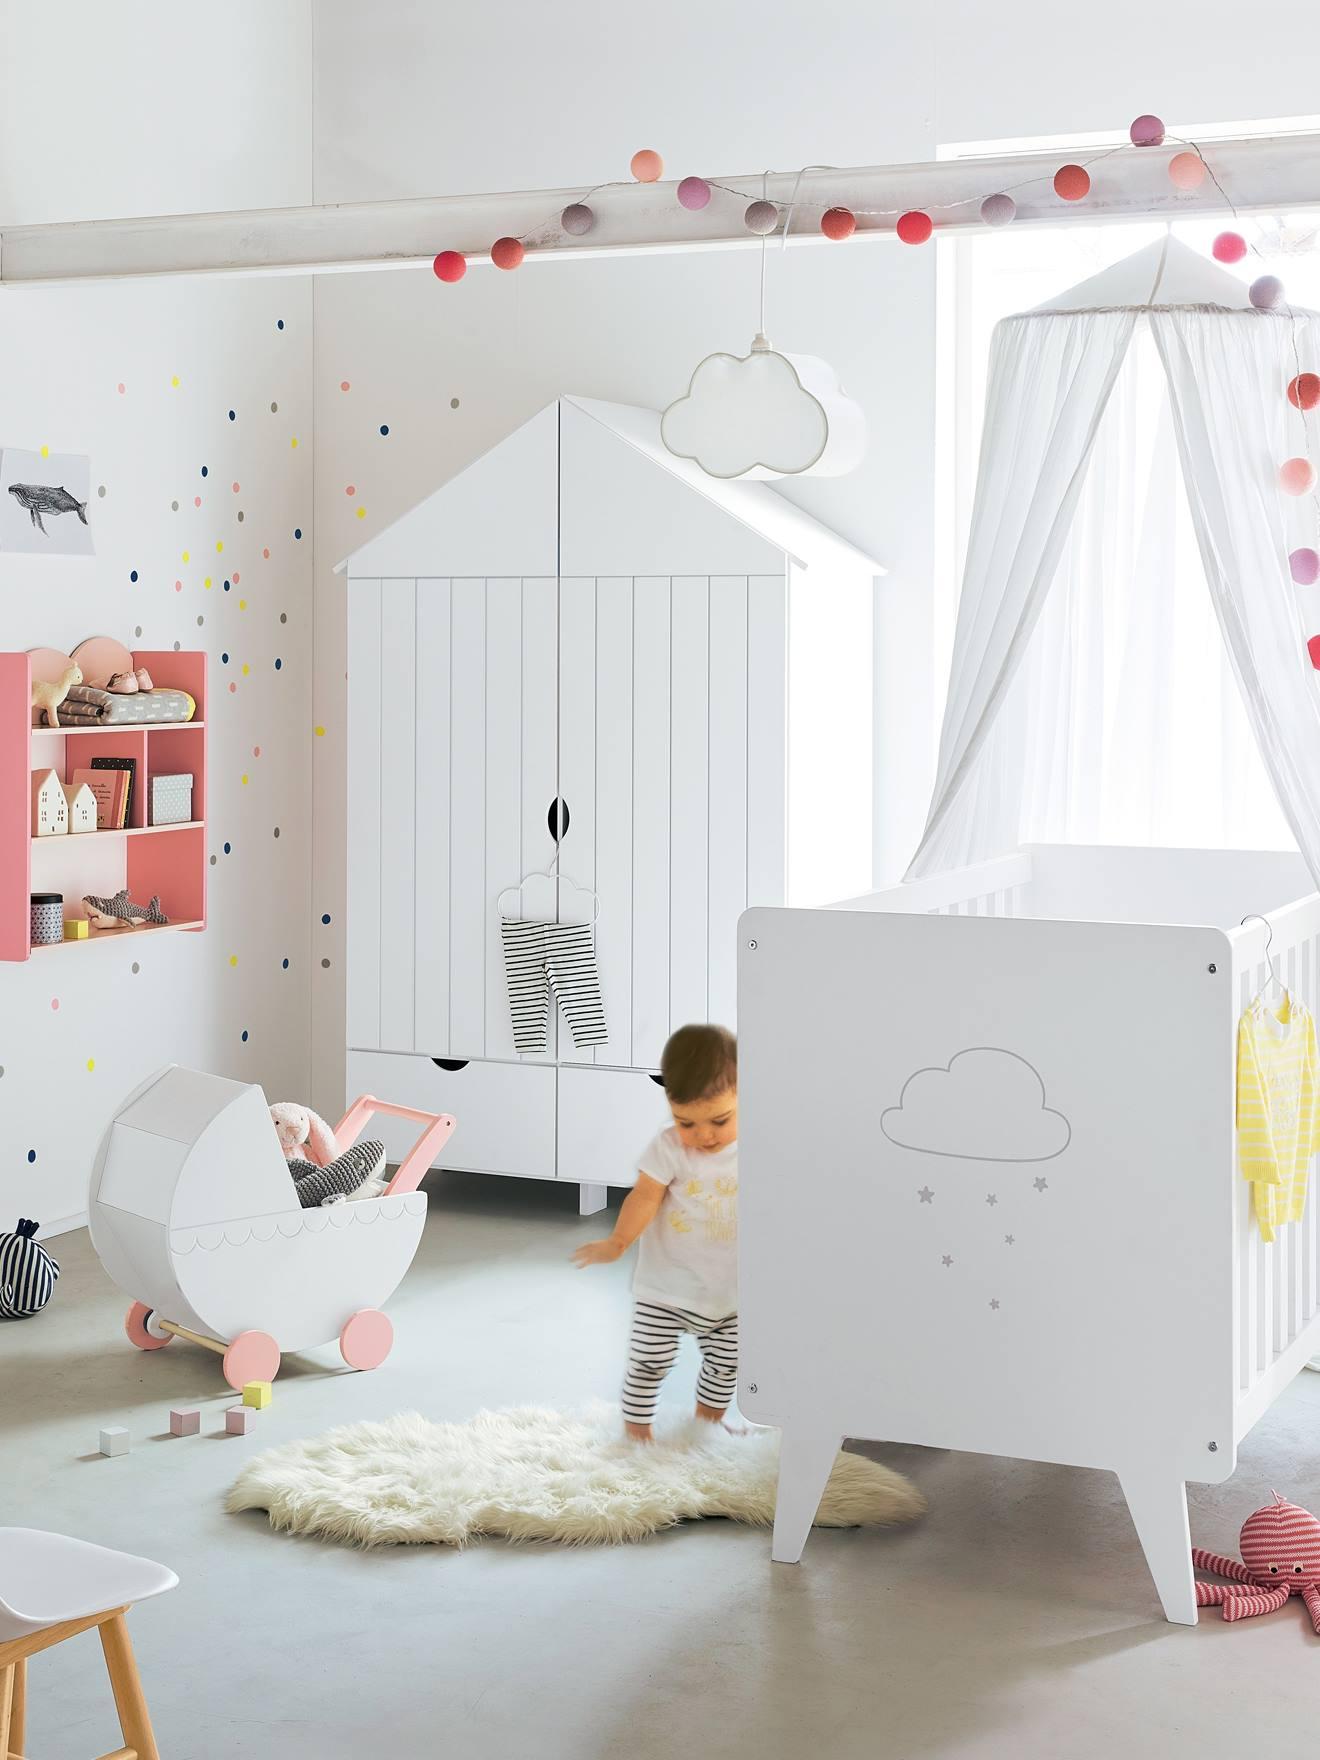 Verbaudet Chambre Bebe - onestopcolorado.com -